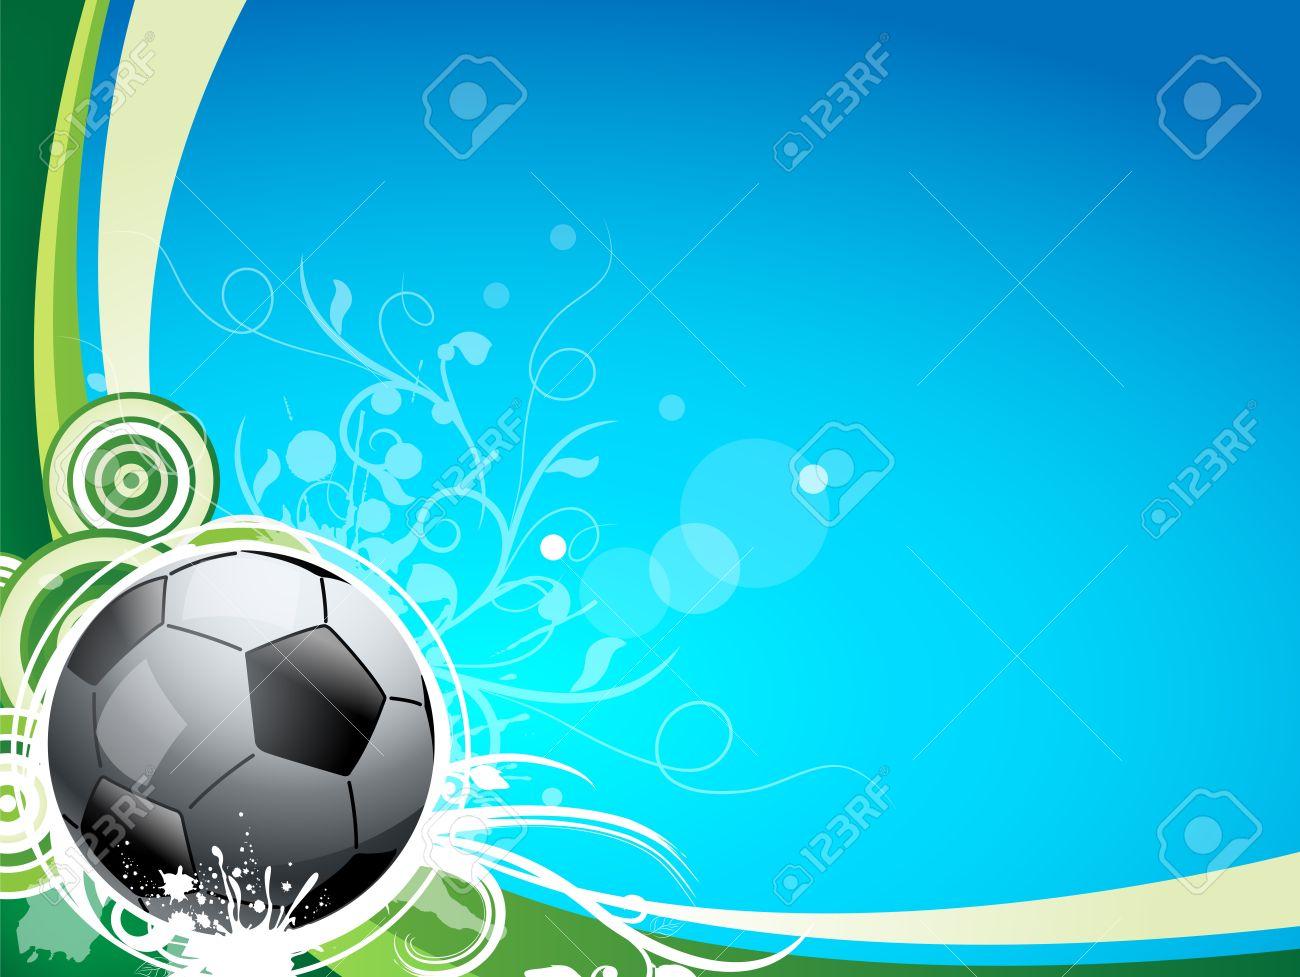 Foto de archivo - Una bola de deporte del fútbol en un fondo azul y verde 808997ffb3cf2